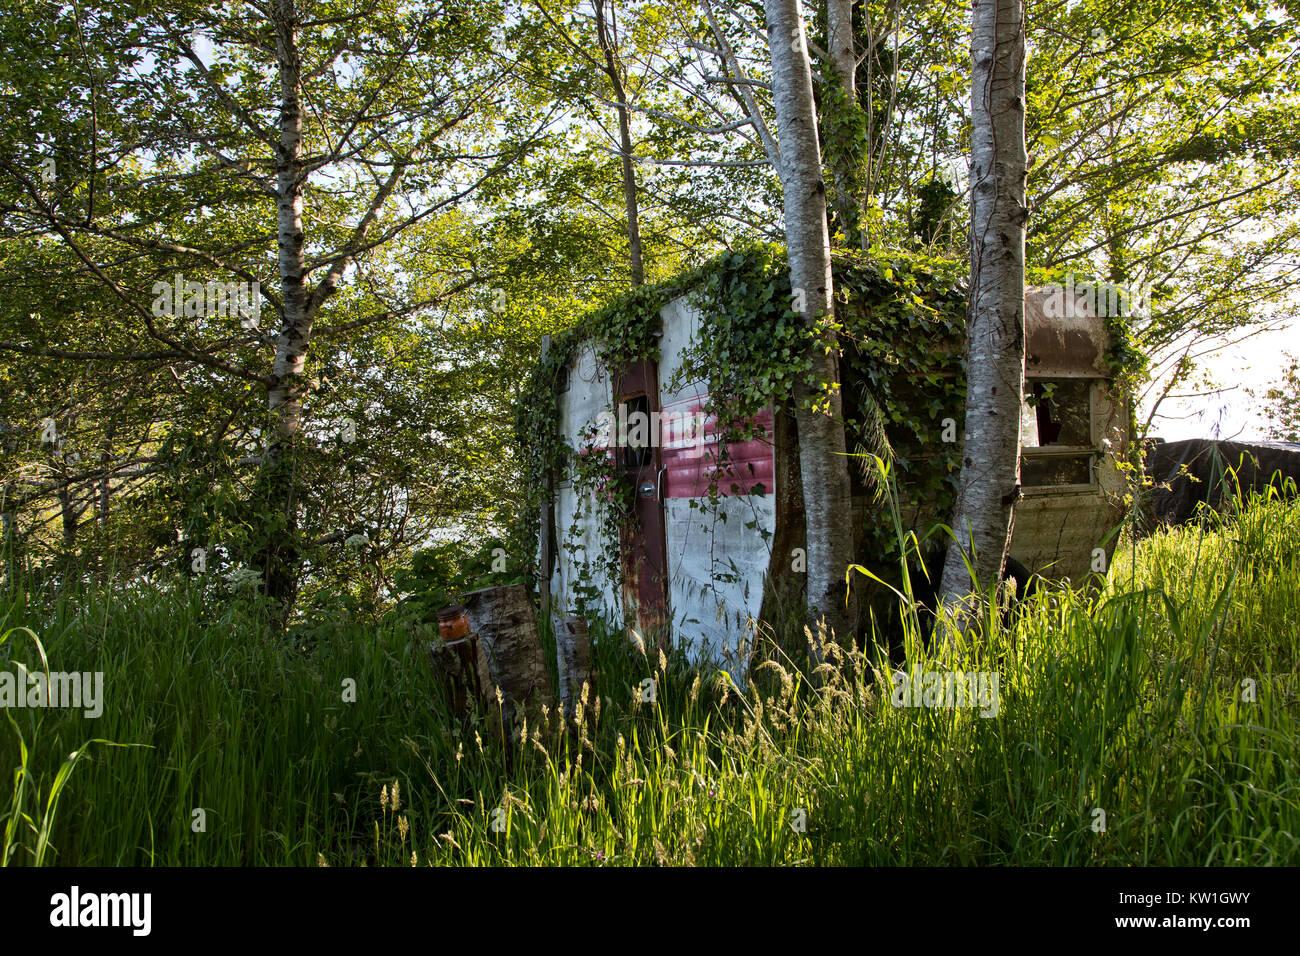 Vintage Travel Trailer Tour - A - Home, Rast unter einem Hain von Erlen, zeigt viele Jahre Einsatz, zurückgehend Stockbild